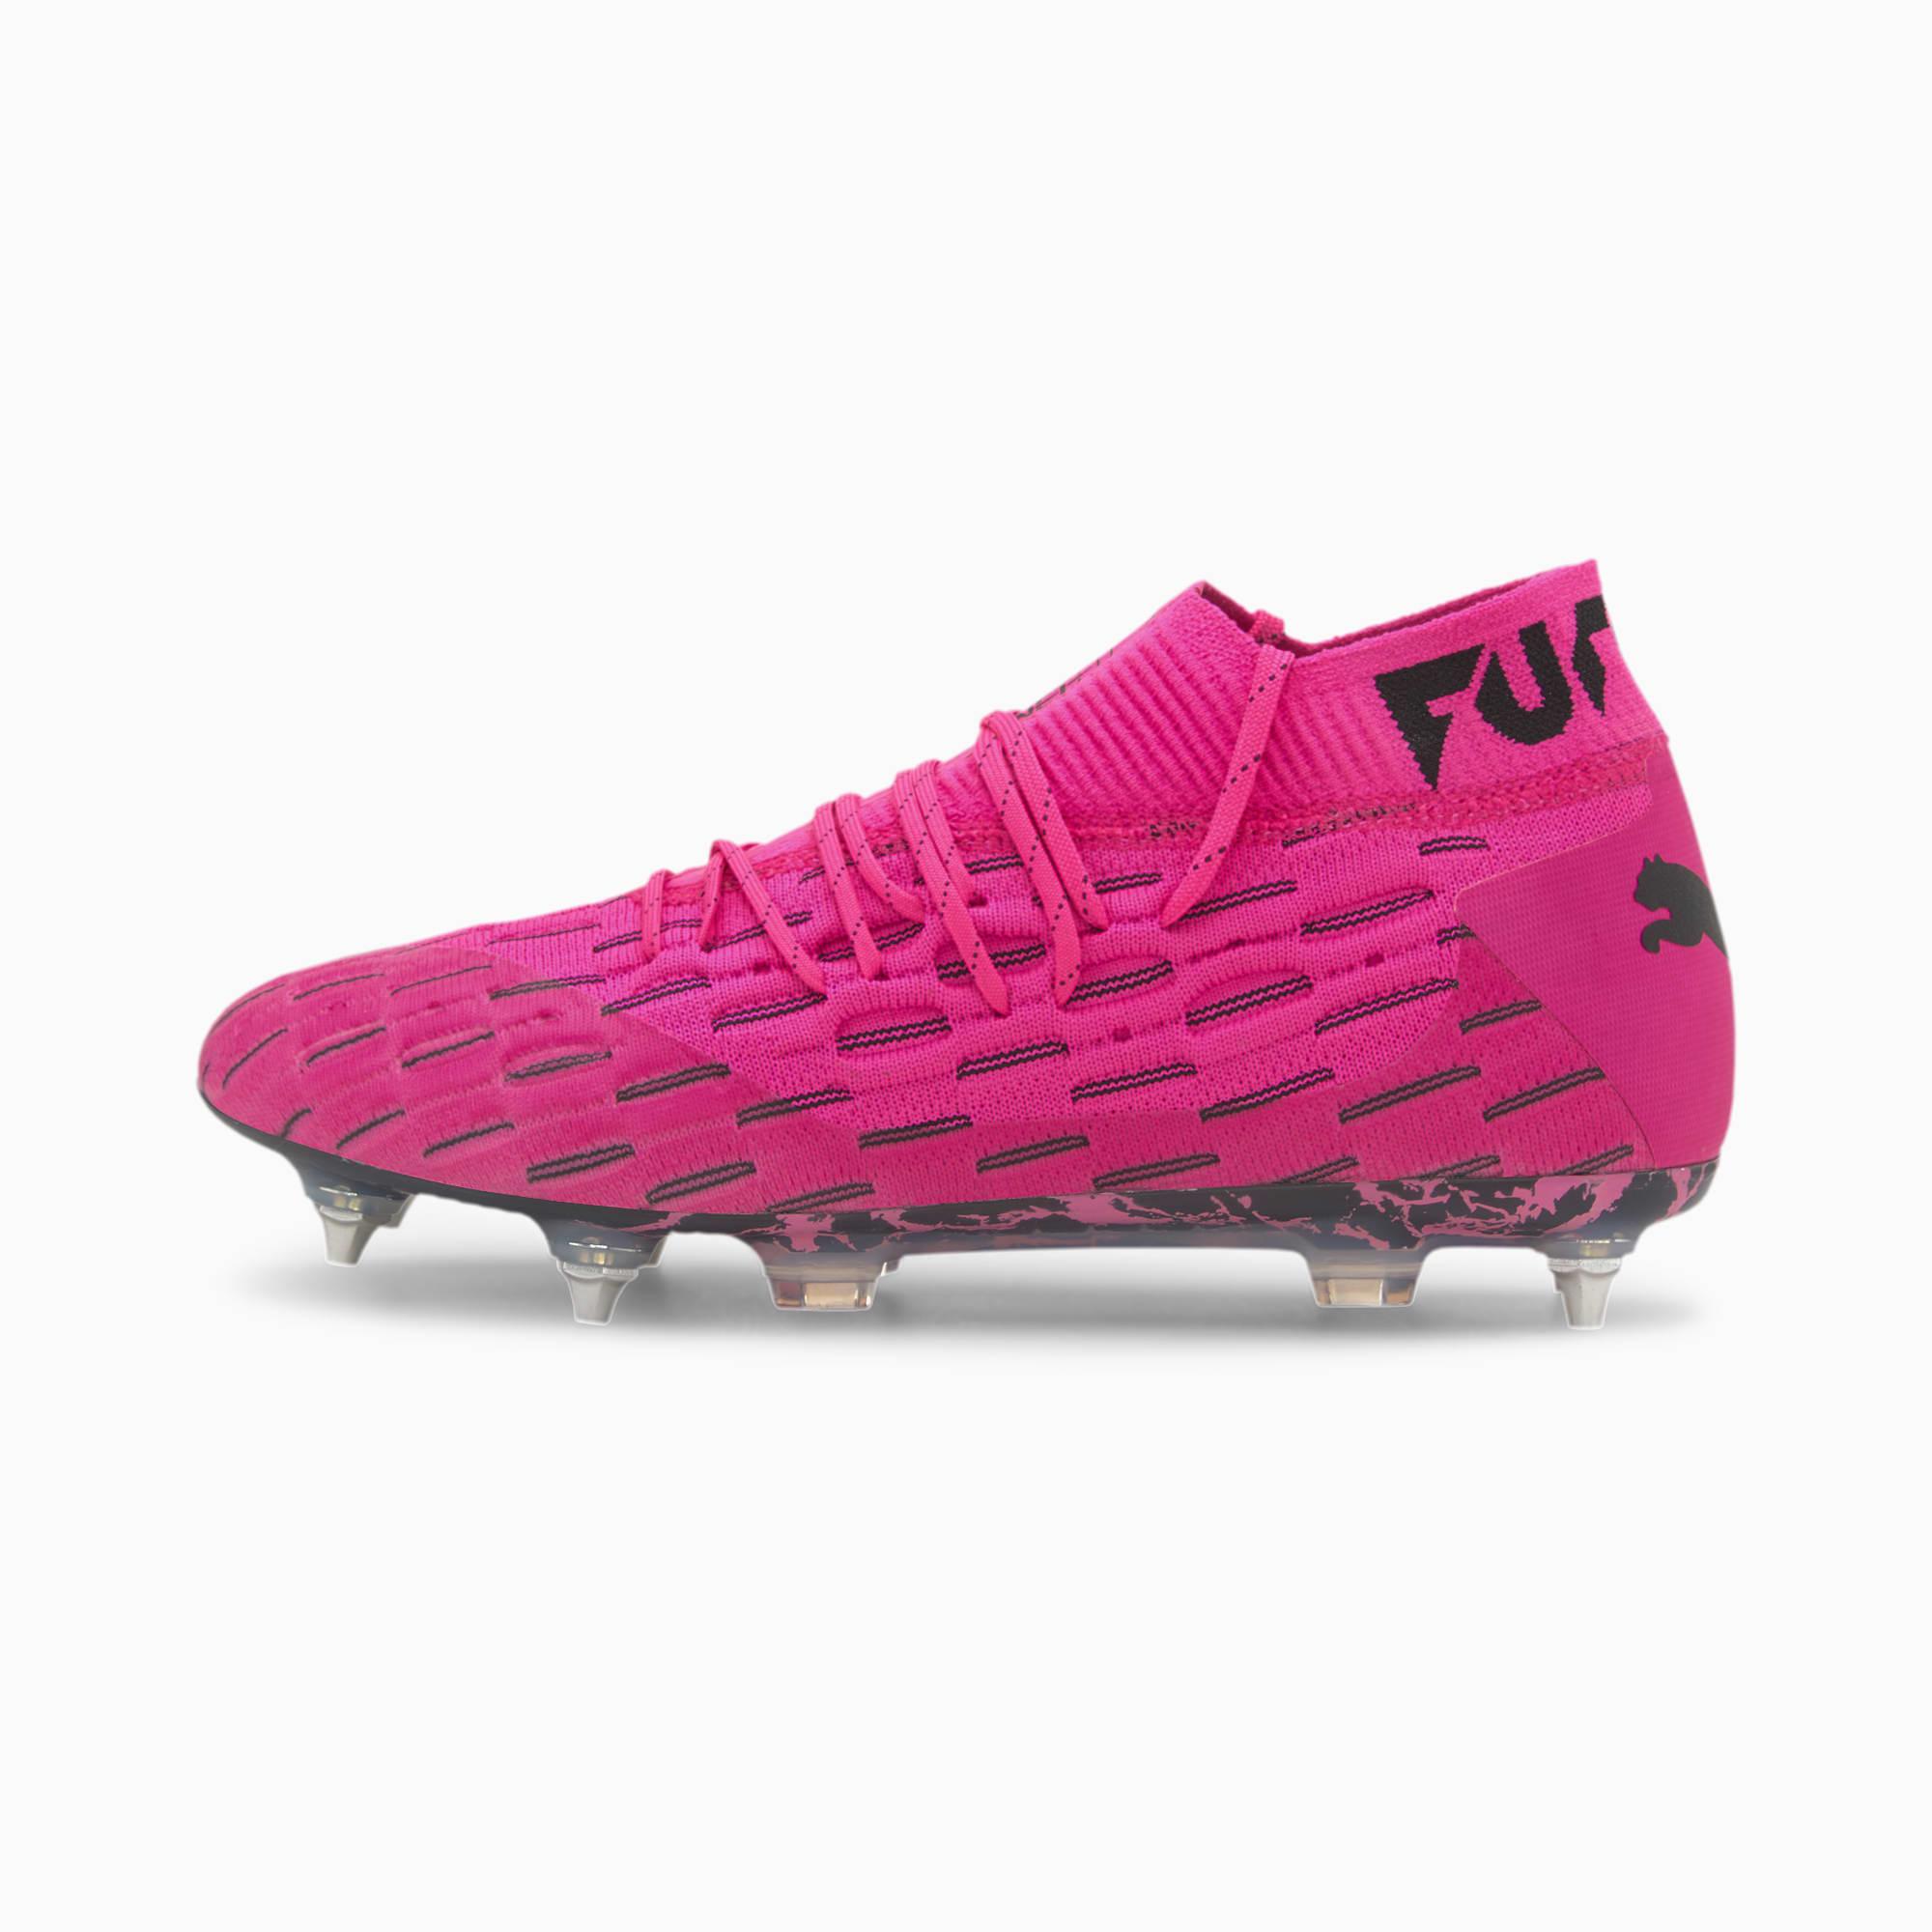 PUMA Chaussures de football Future 6.1 NETFIT MxSG, Rose/Noir, Taille 41, Vêtements